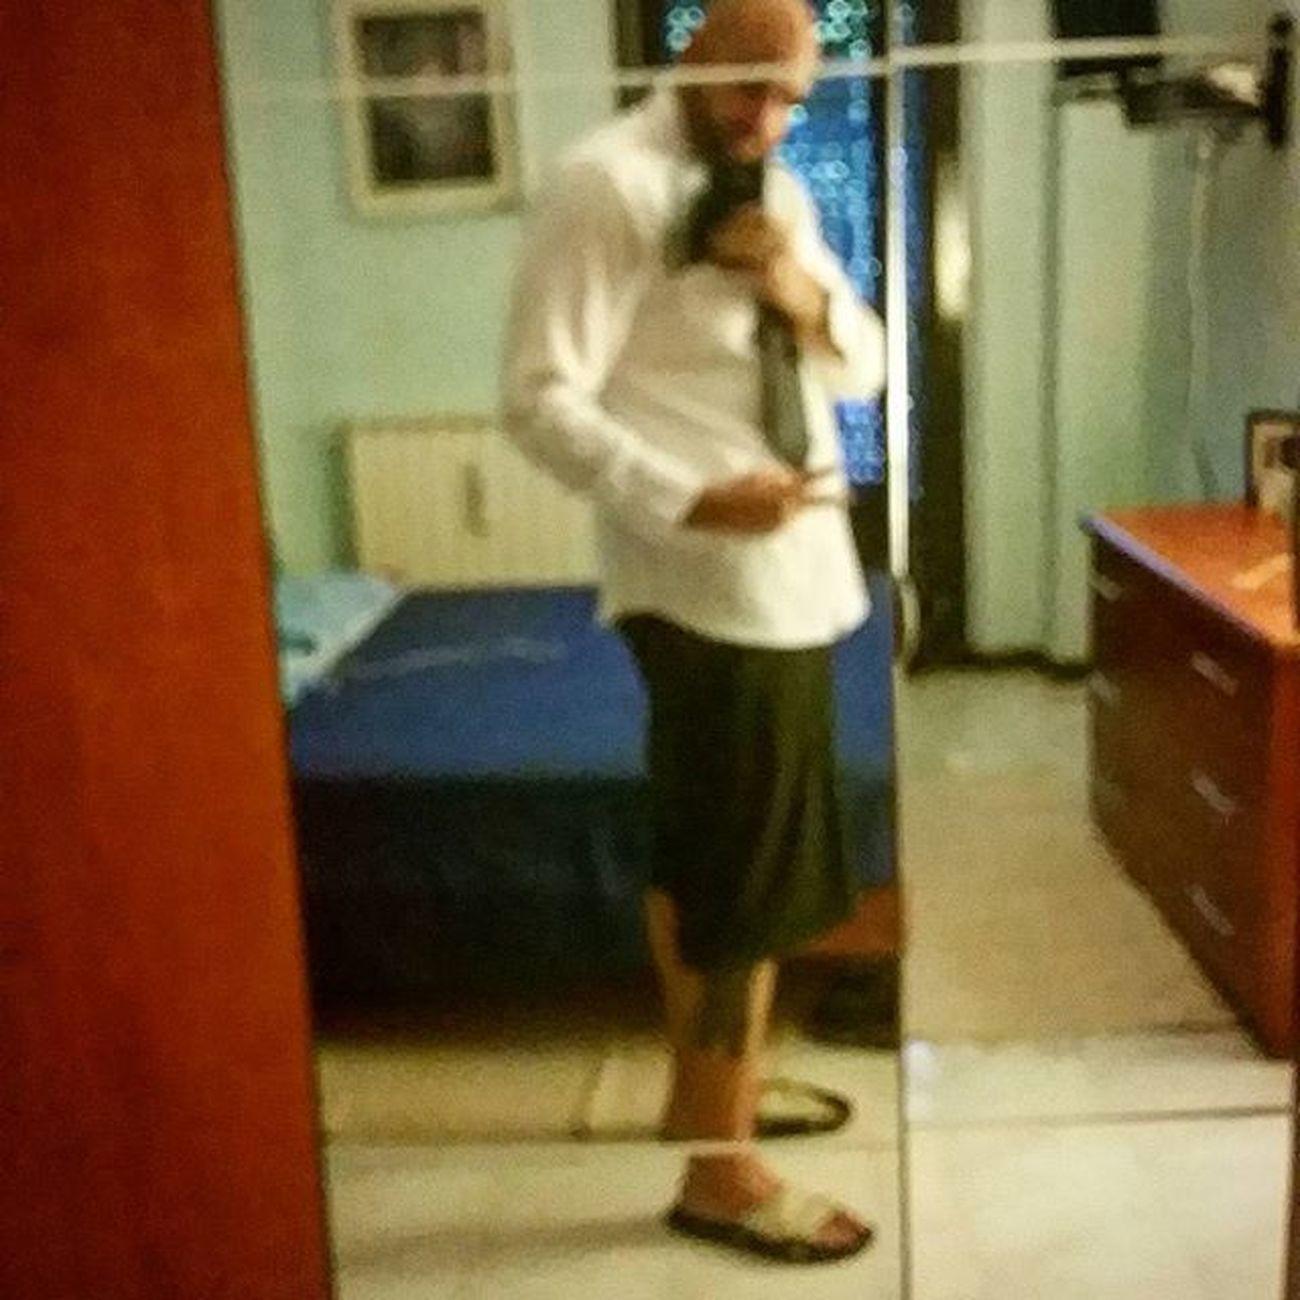 Oggi ho creato un nuovo stile: Camiciabatta per l'uomo che vuole essere elegante ma anche no